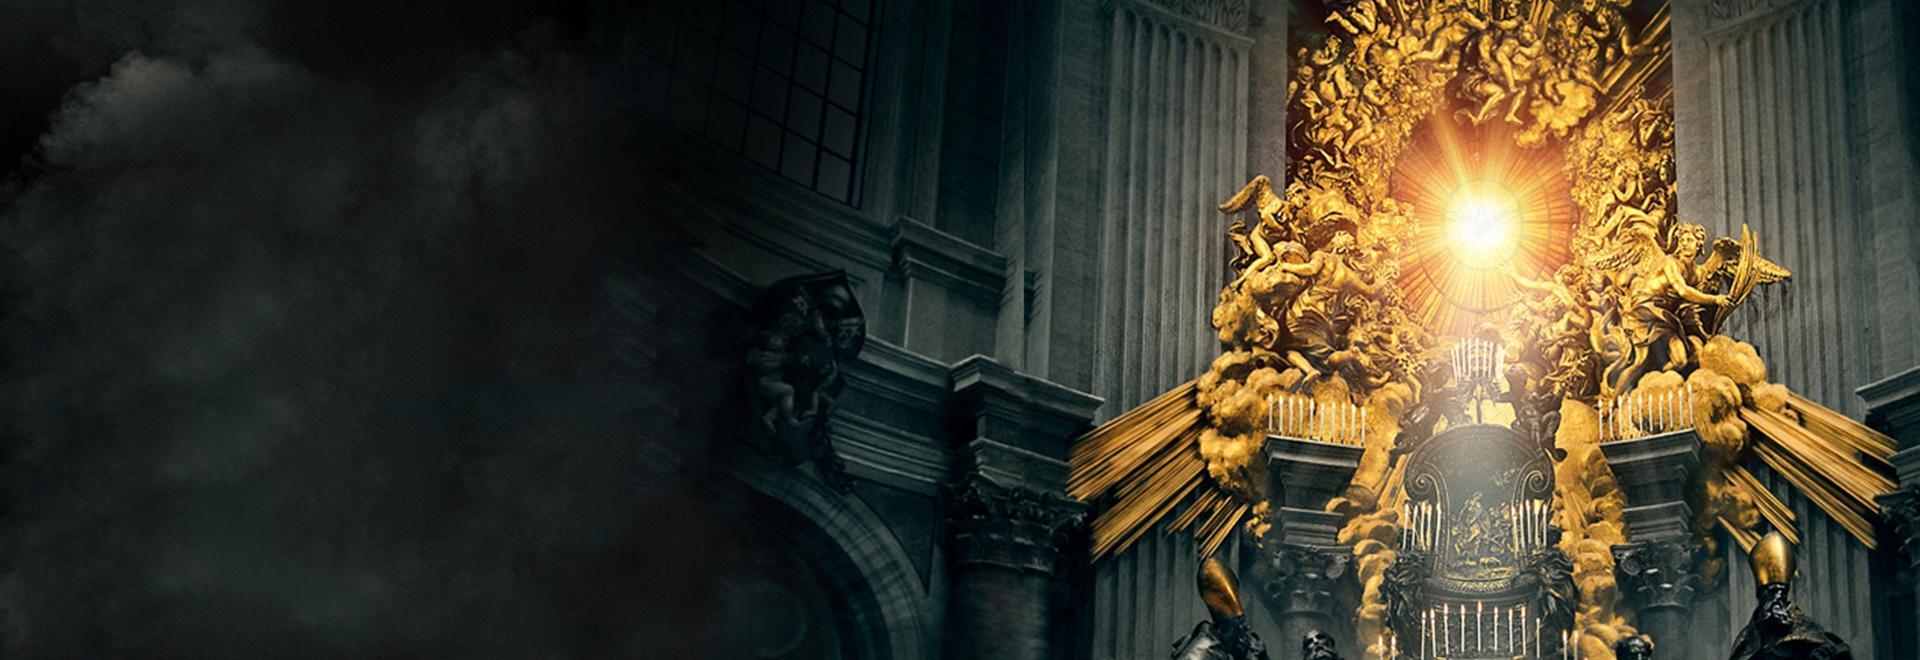 La riforma - Una Chiesa divisa